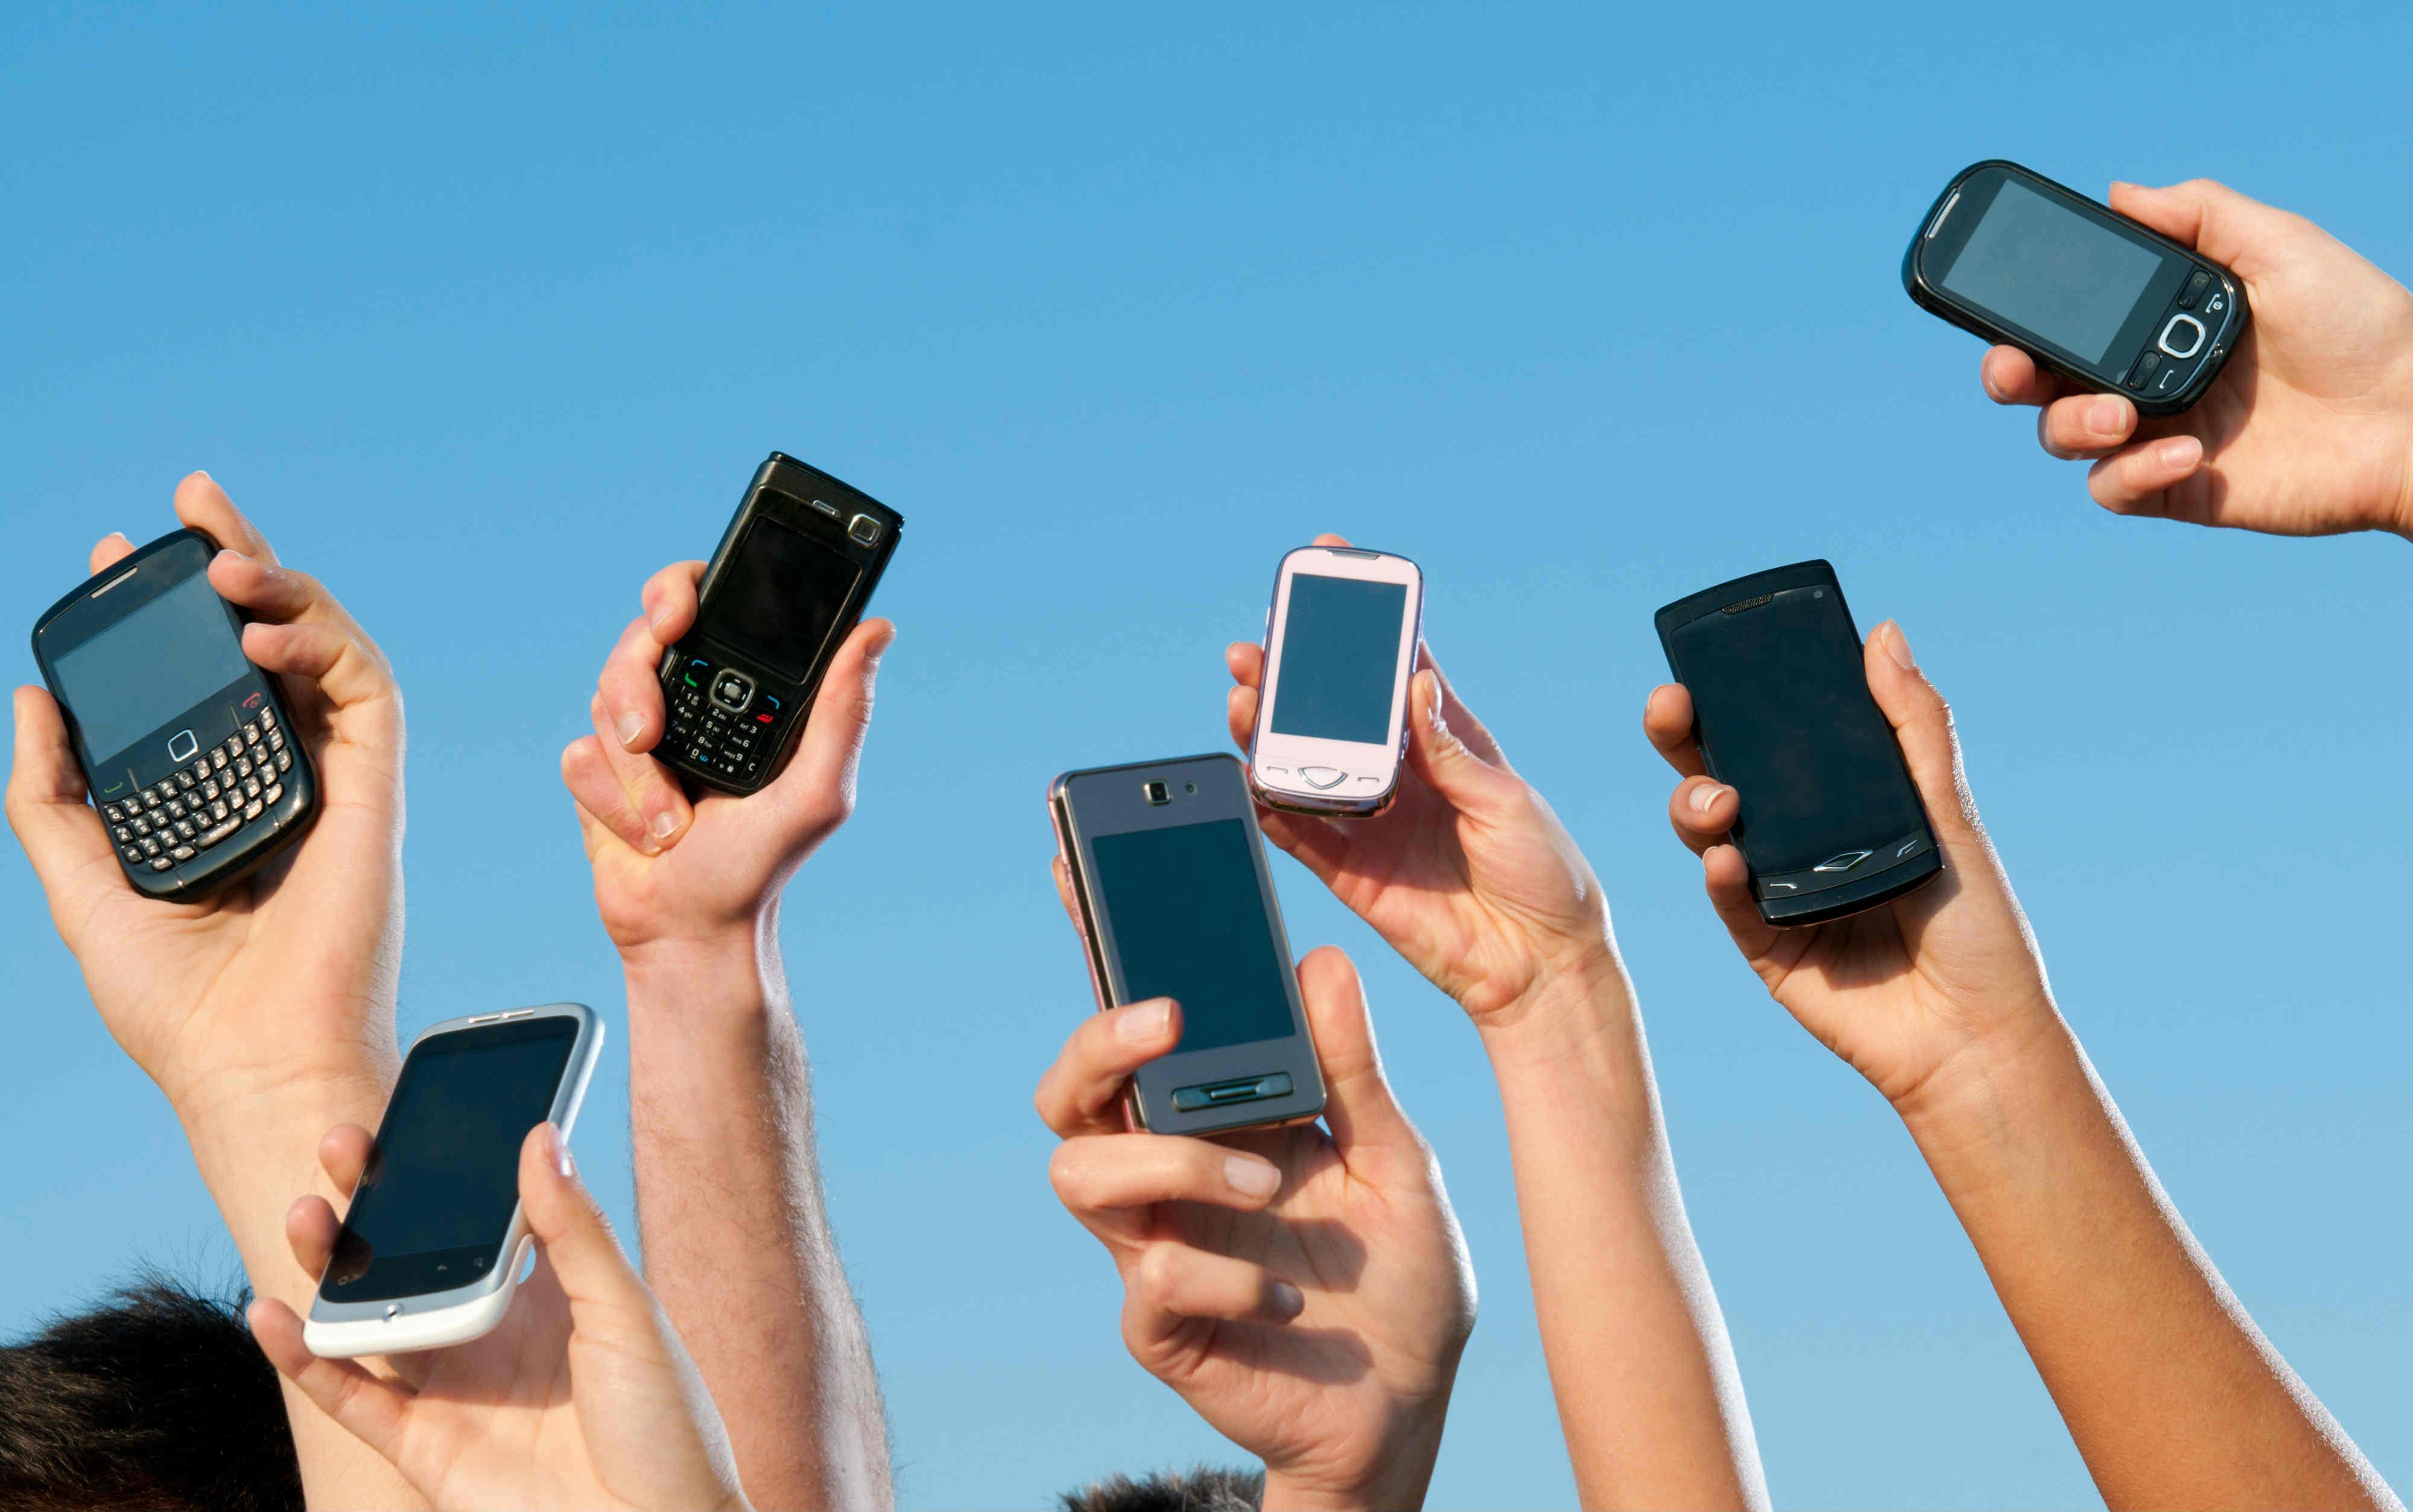 iPhone8にMNPするならどのキャリアが安い?